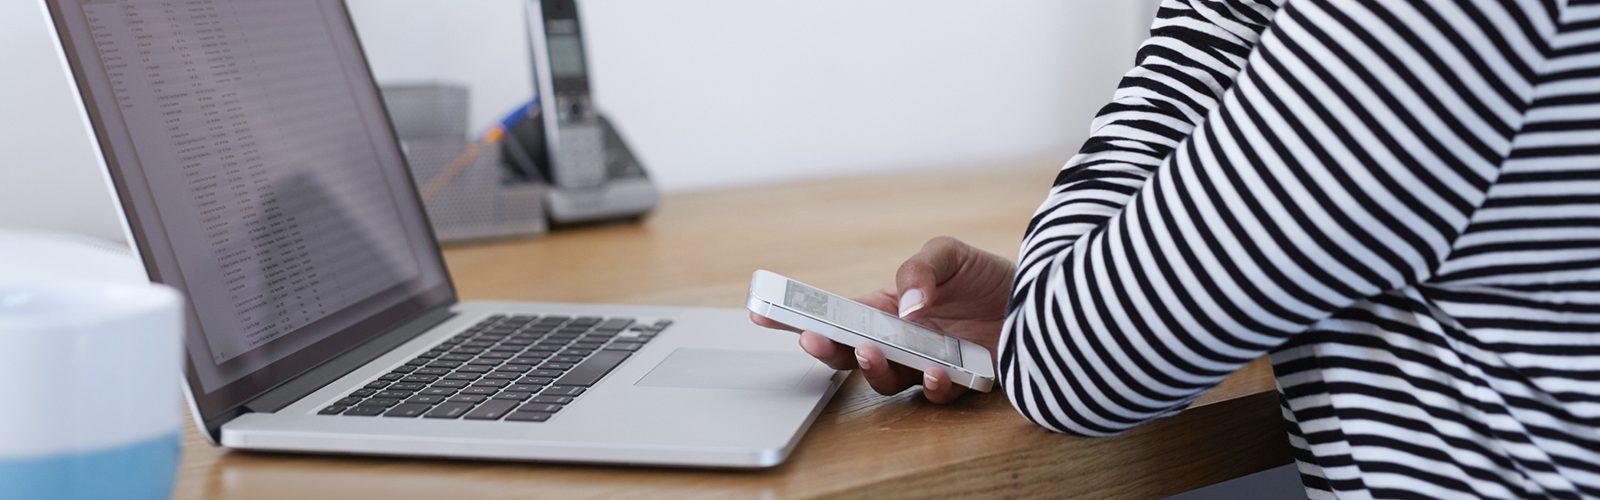 Imagem de uma mulher segurando um celular em frente ao computador